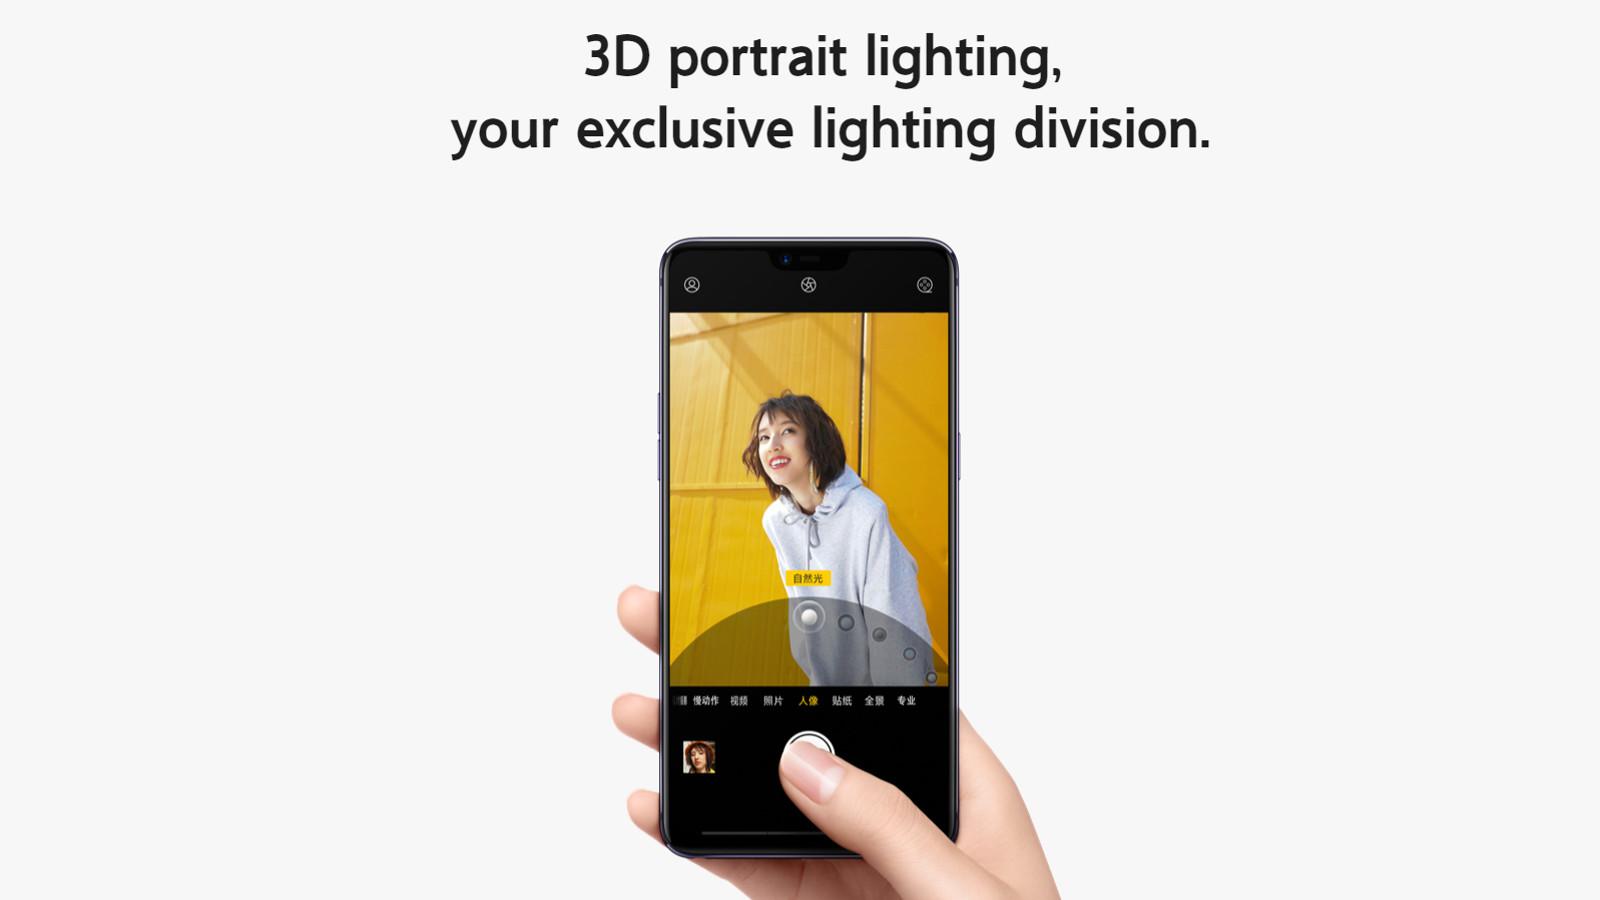 oppo r15 portrait lighting